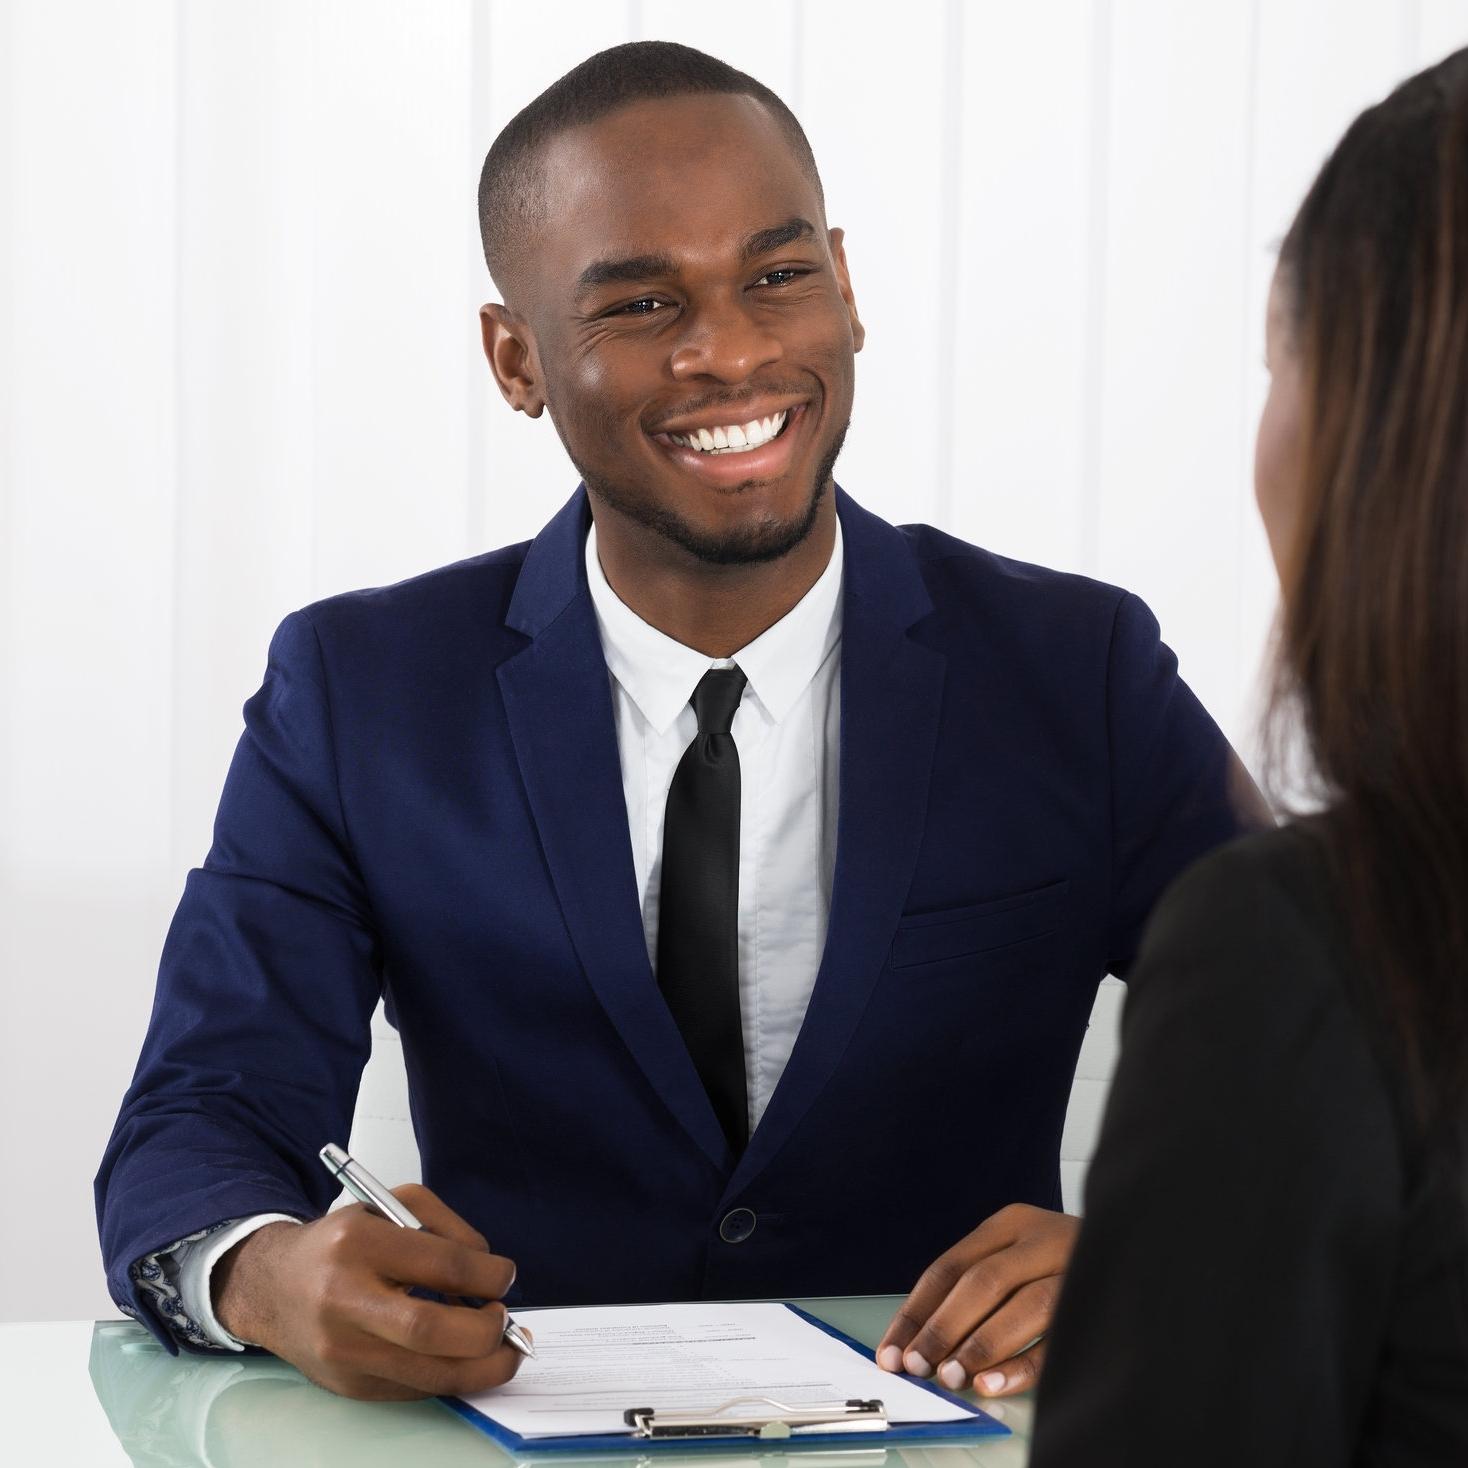 LISTADOS DE TRABAJOS - ¿Buscando trabajo?Busque y solicite su nueva carrera aquí.